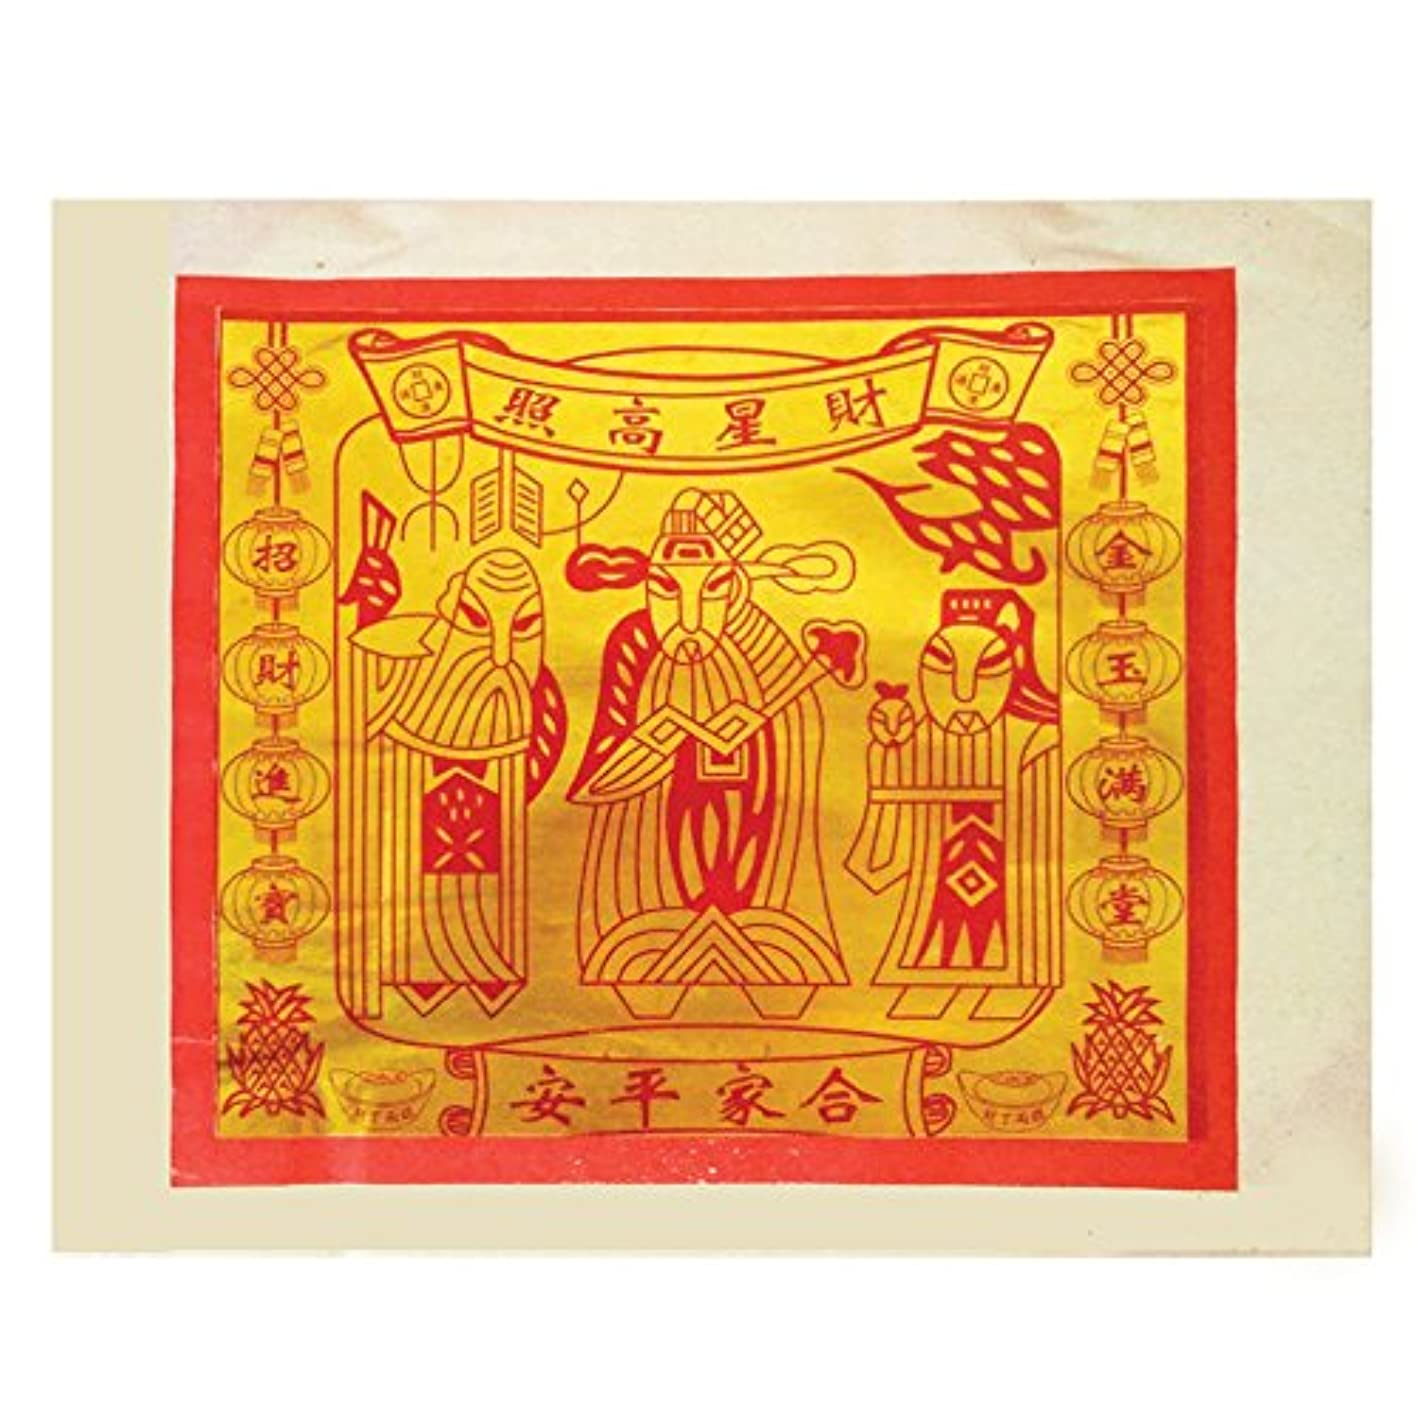 フレッシュペニー愚かな100個Incense用紙/ Joss用紙with High Gradeゴールド箔サイズL15.75インチx 13.25インチ